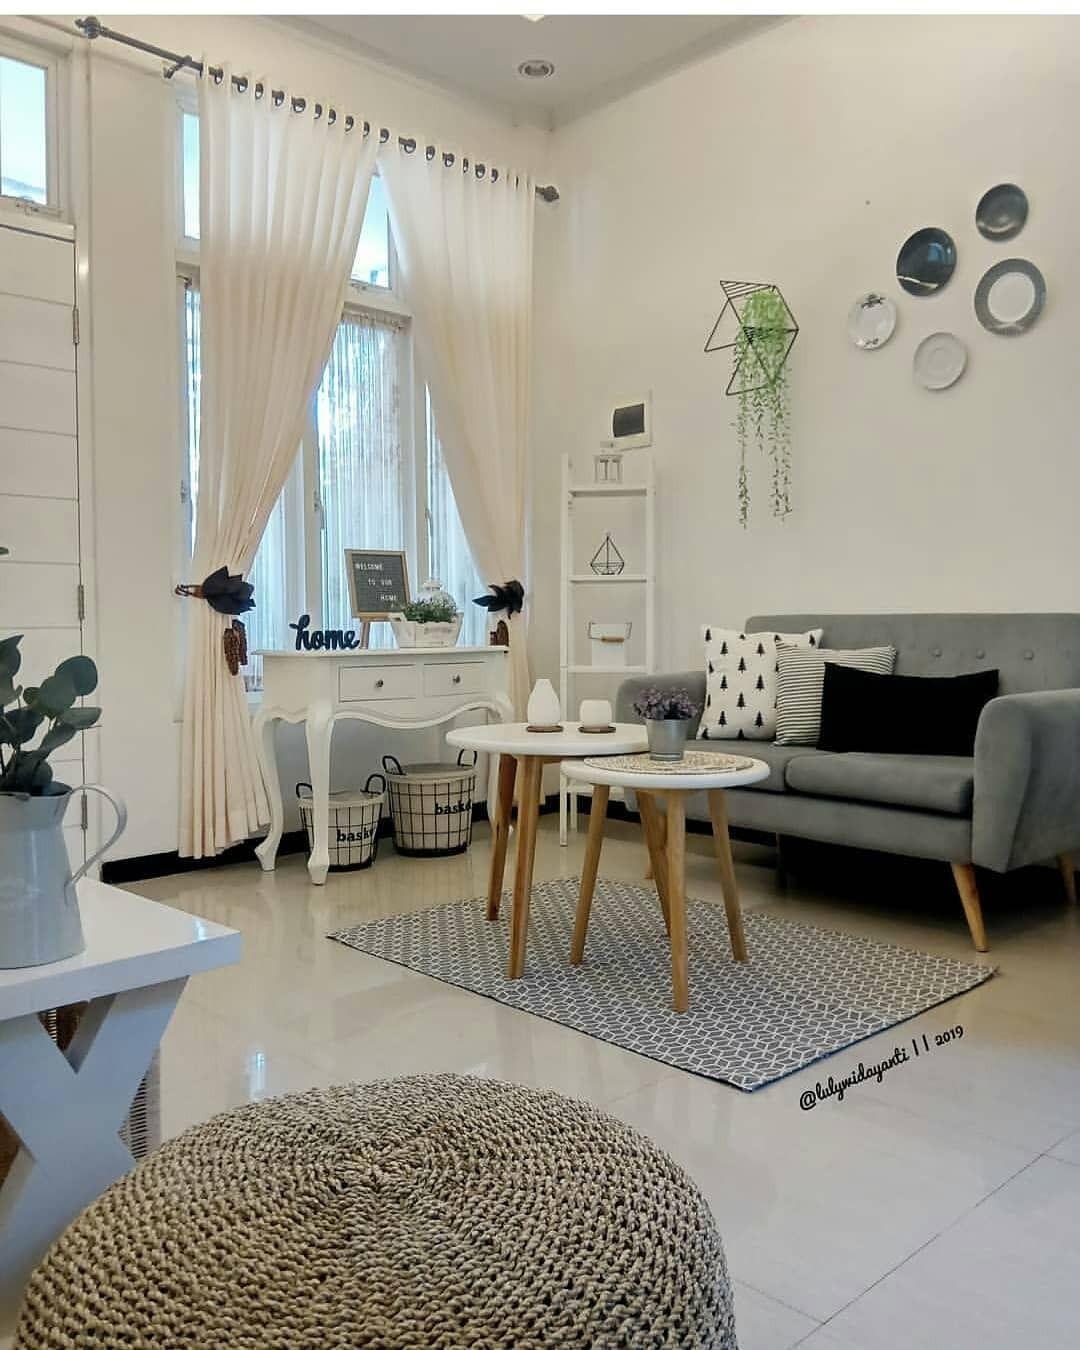 Livingroom Ideas For 3x3 Ruang Tamu Rumah Desain Interior Ide Dekorasi Rumah